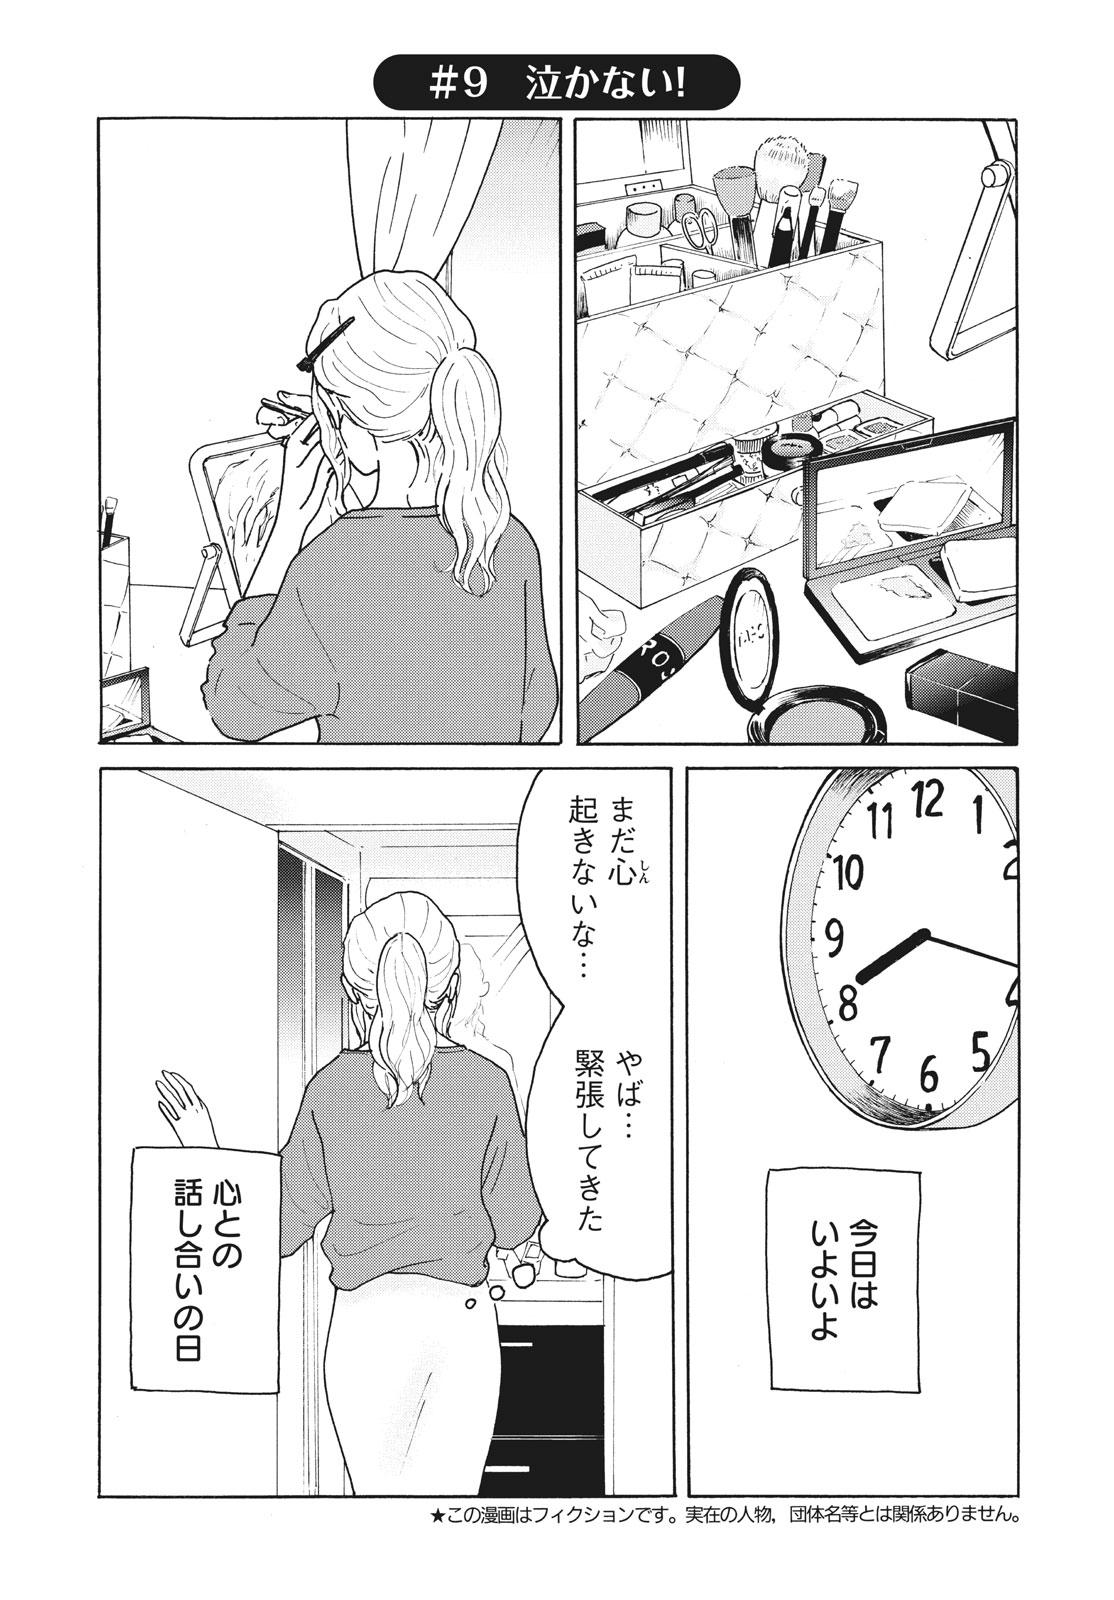 001_30譌・_2020_009_E.jpg